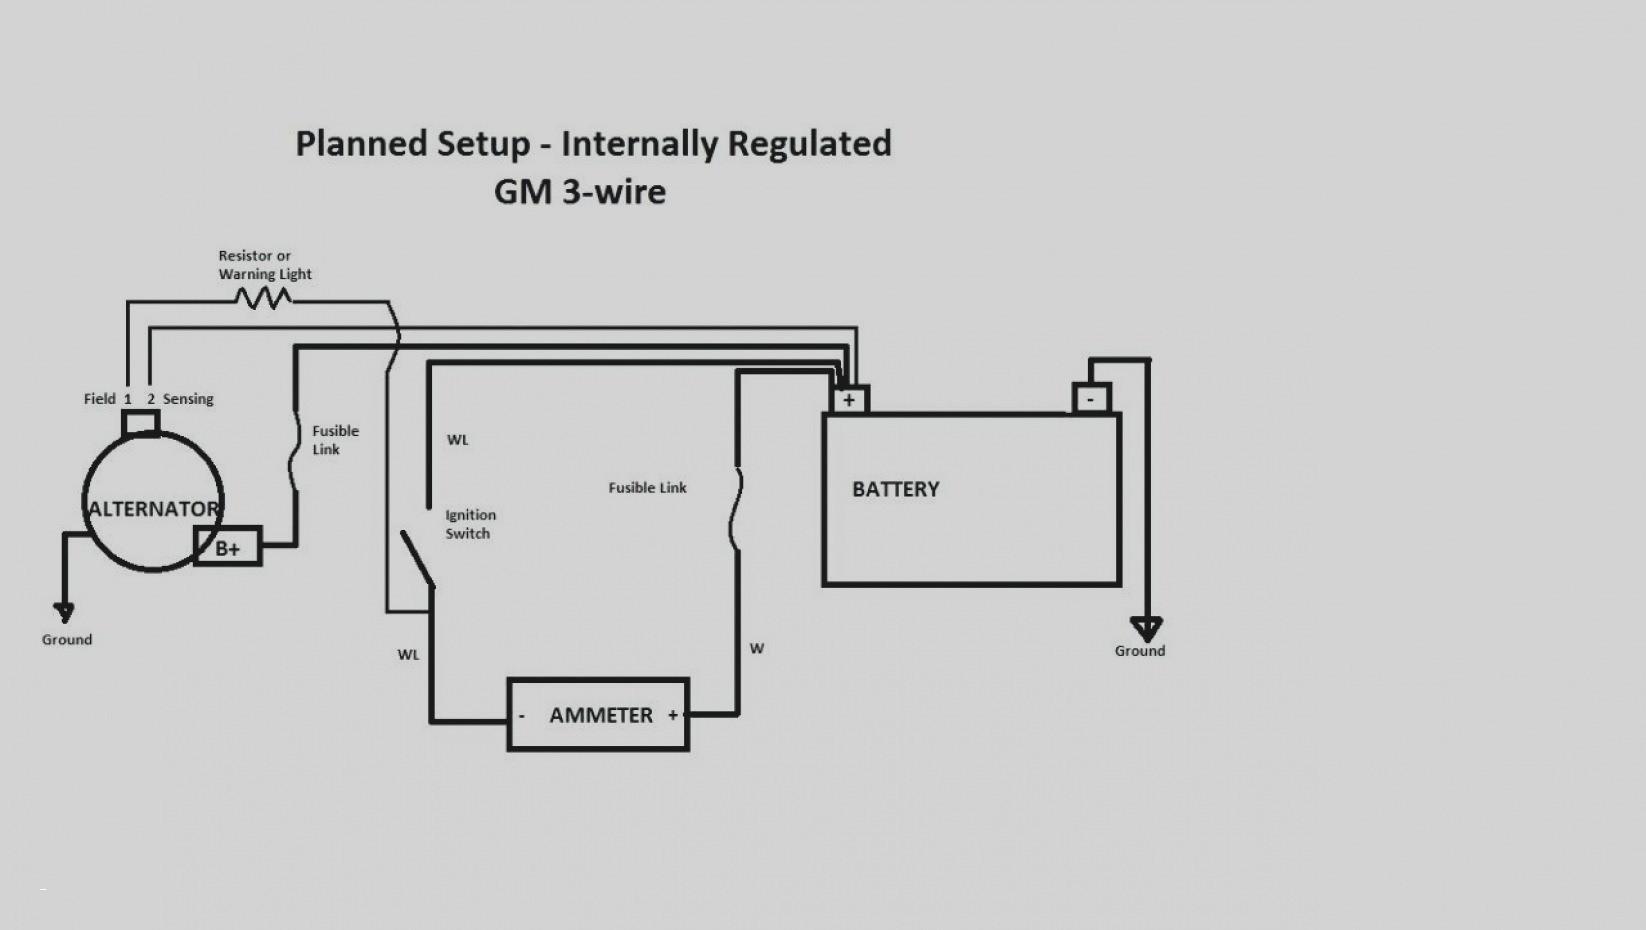 hight resolution of one wire alternator diagram schematics 65 trusted wiring diagram 2003 dodge alternator wiring 1967 dodge alternator